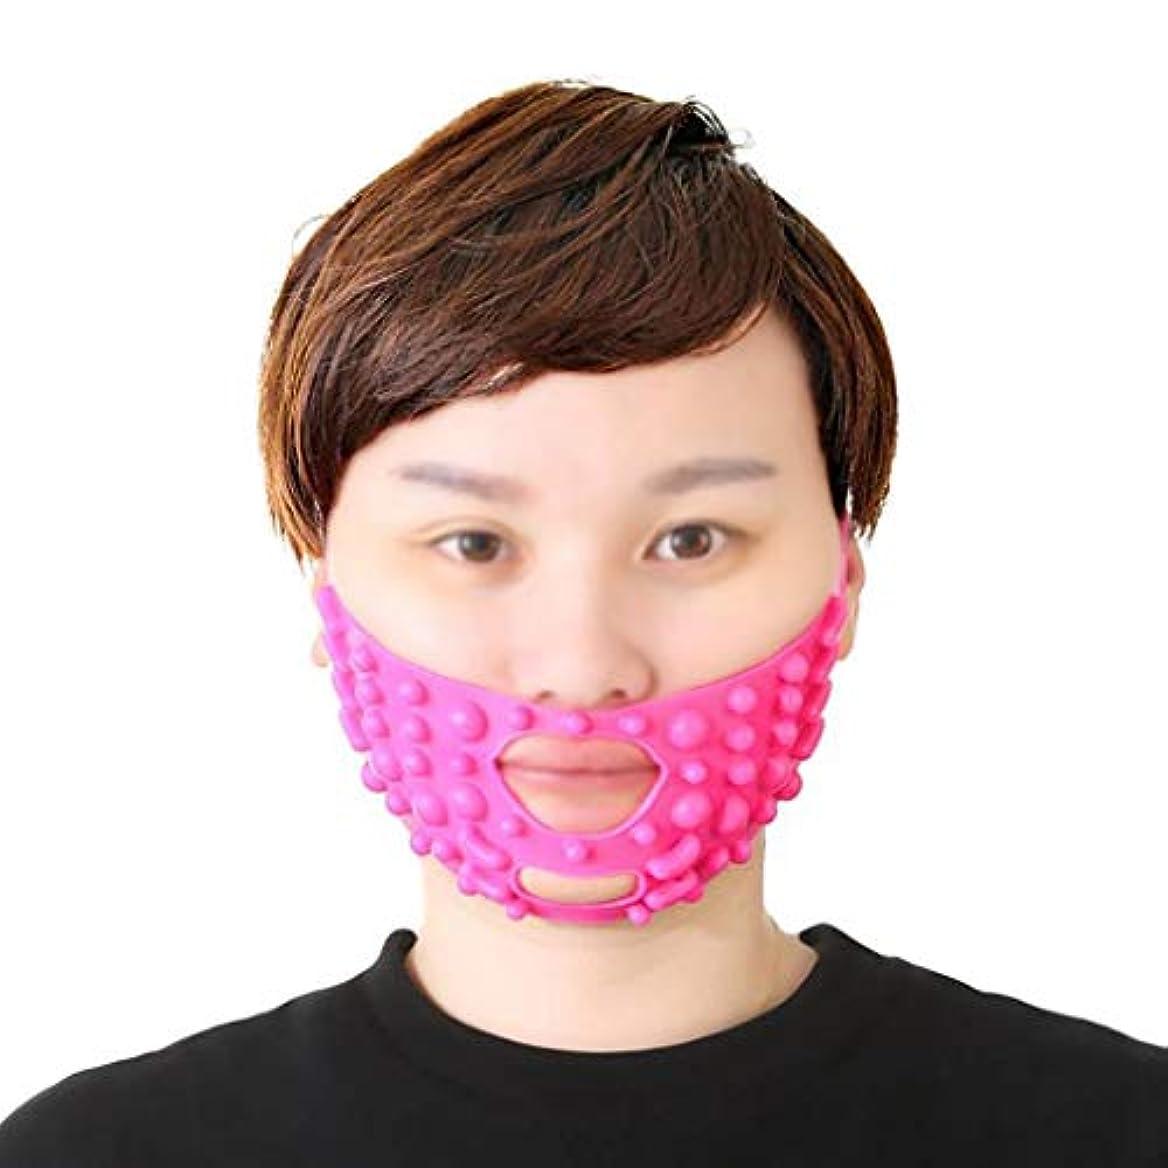 ウィザード西部減るGLJJQMY 顔の持ち上がるマスクのあごのリボンのシリコーンVのマスクのマスク強力な包帯Vの表面の人工物小さいVの顔の包帯顔および首の持ち上がるピンクのシリコーンの包帯 顔用整形マスク